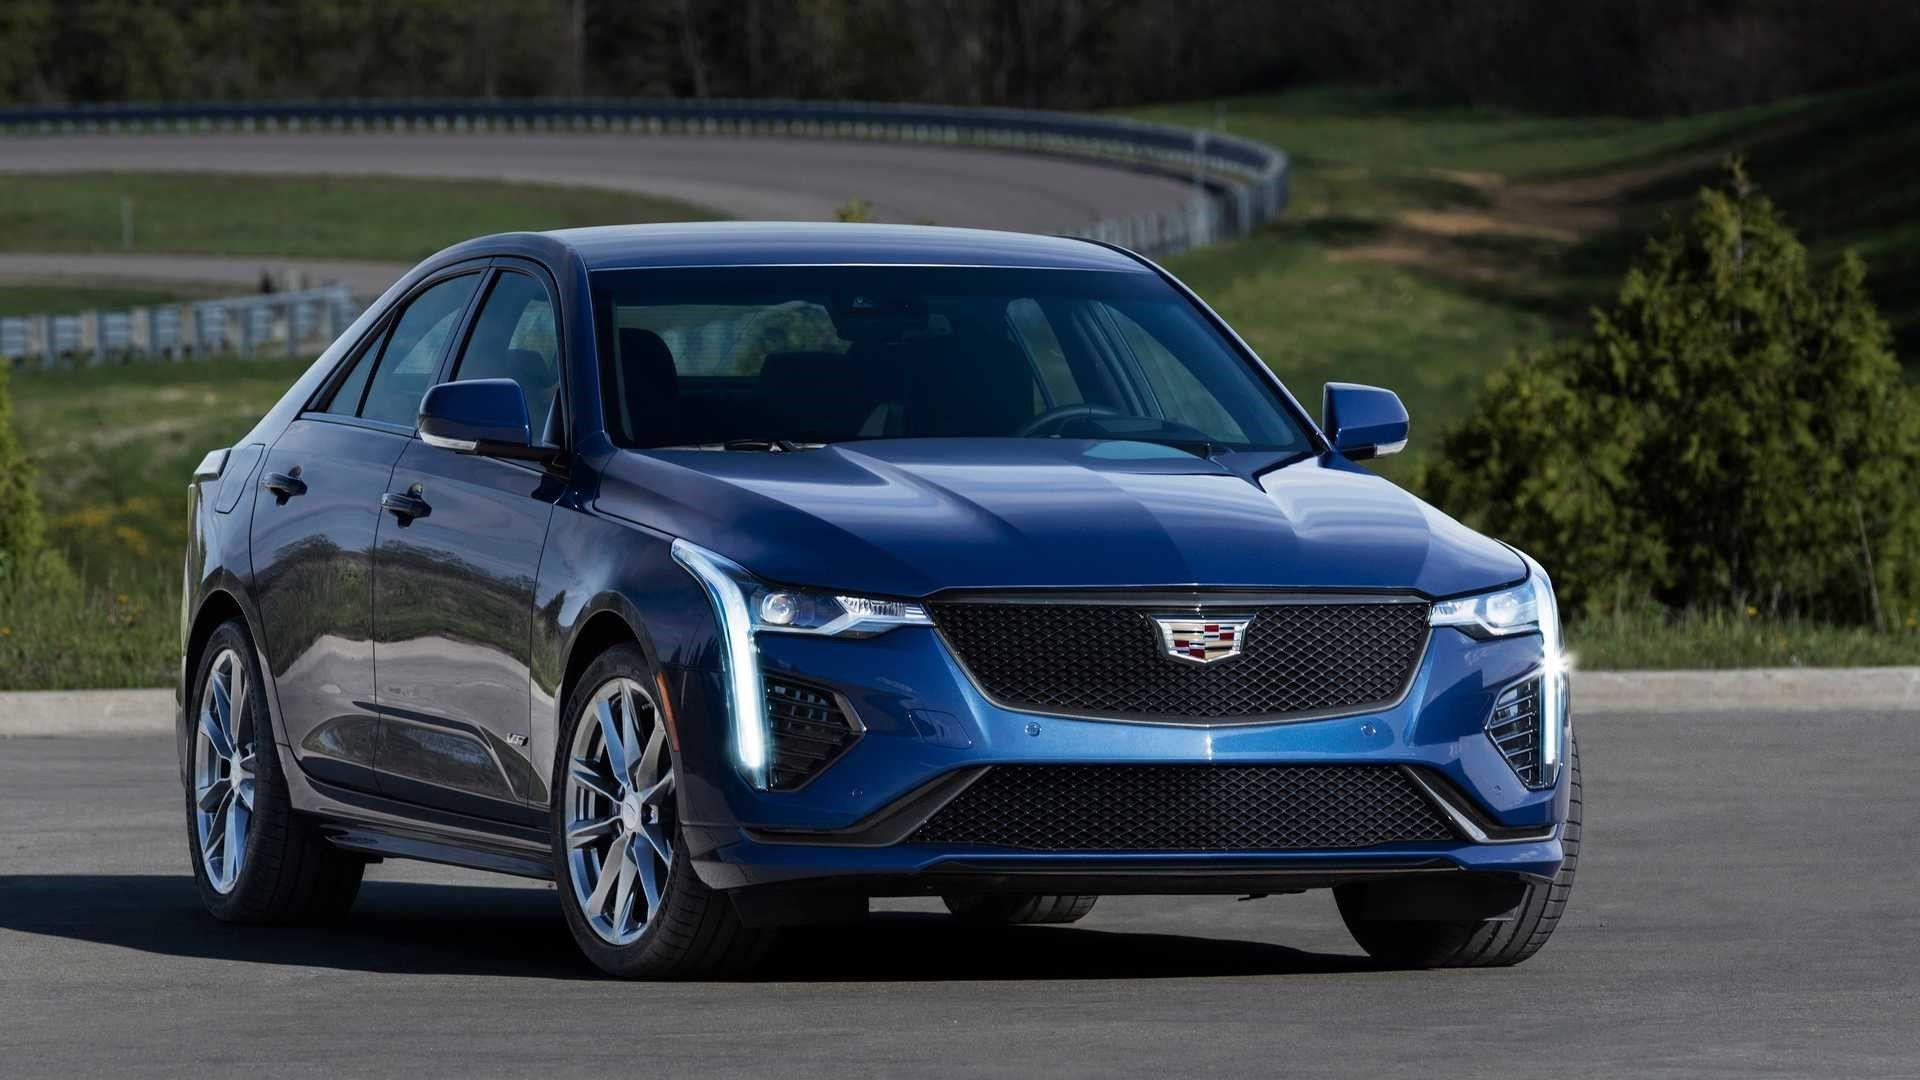 2020 Cadillac CT4 / CT4-V